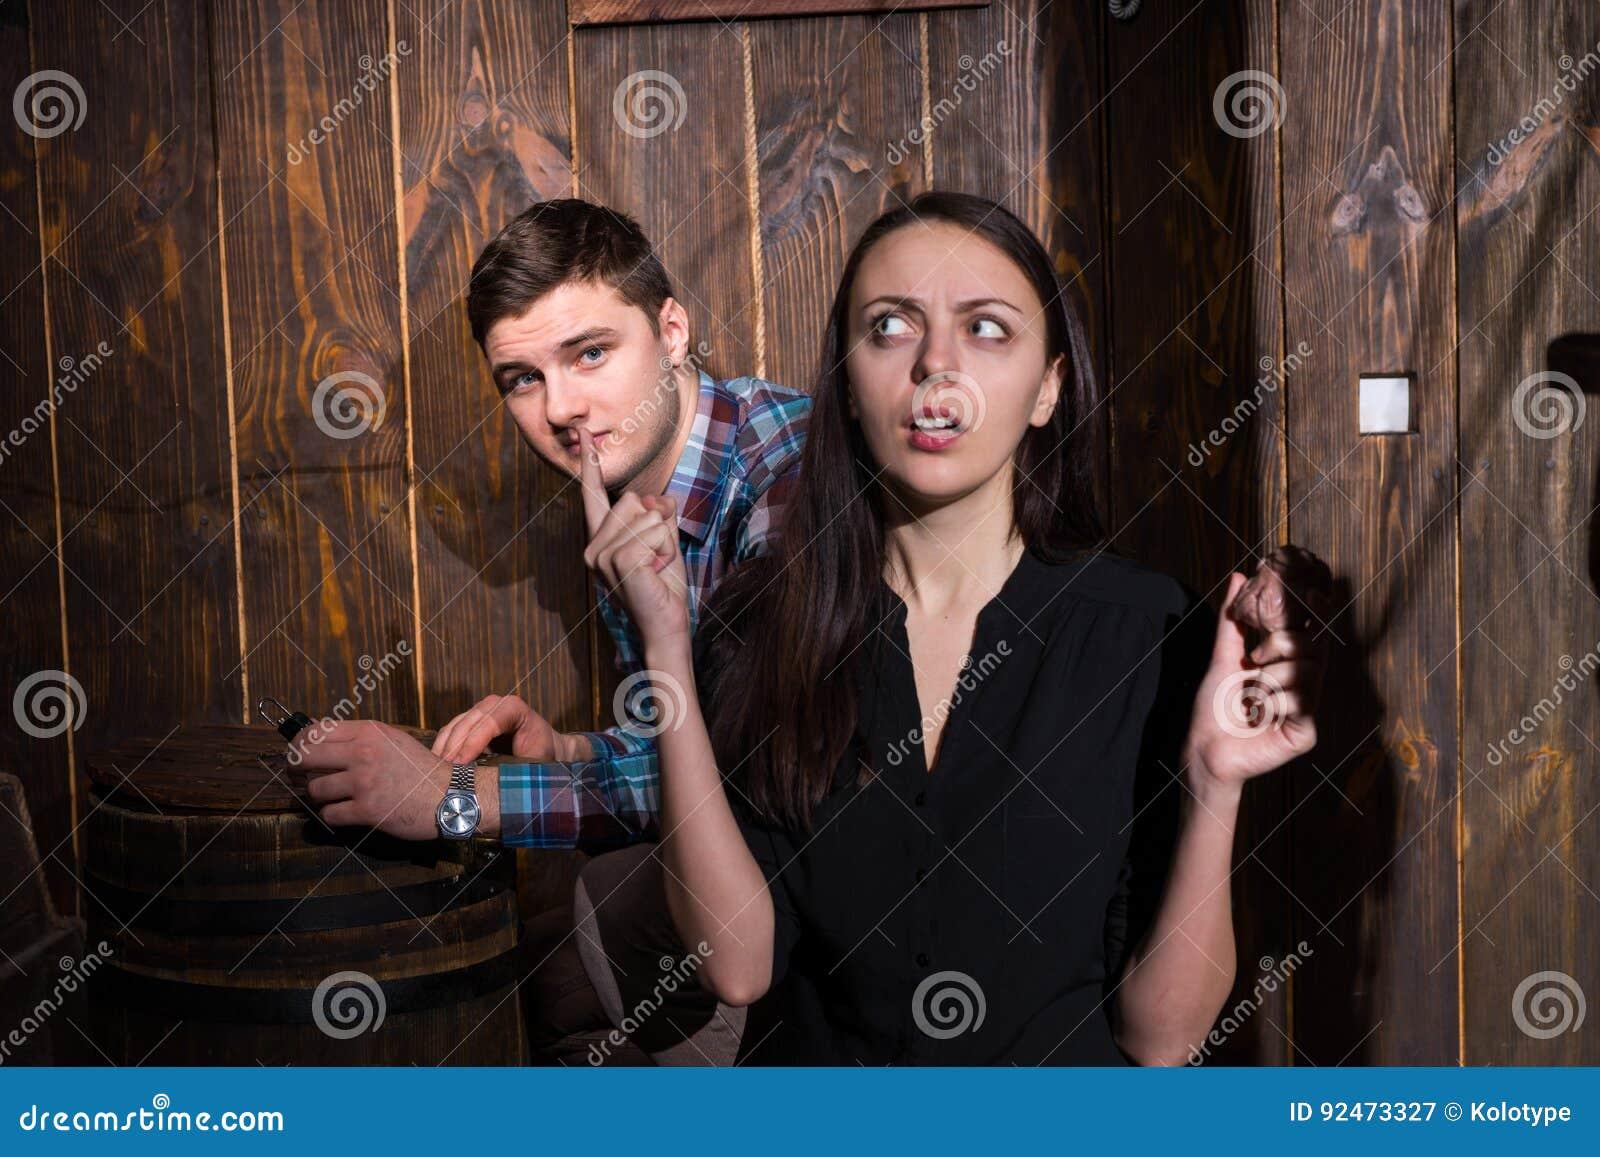 Jonge man en vrouw die een raadsel proberen op te lossen uit Th te krijgen